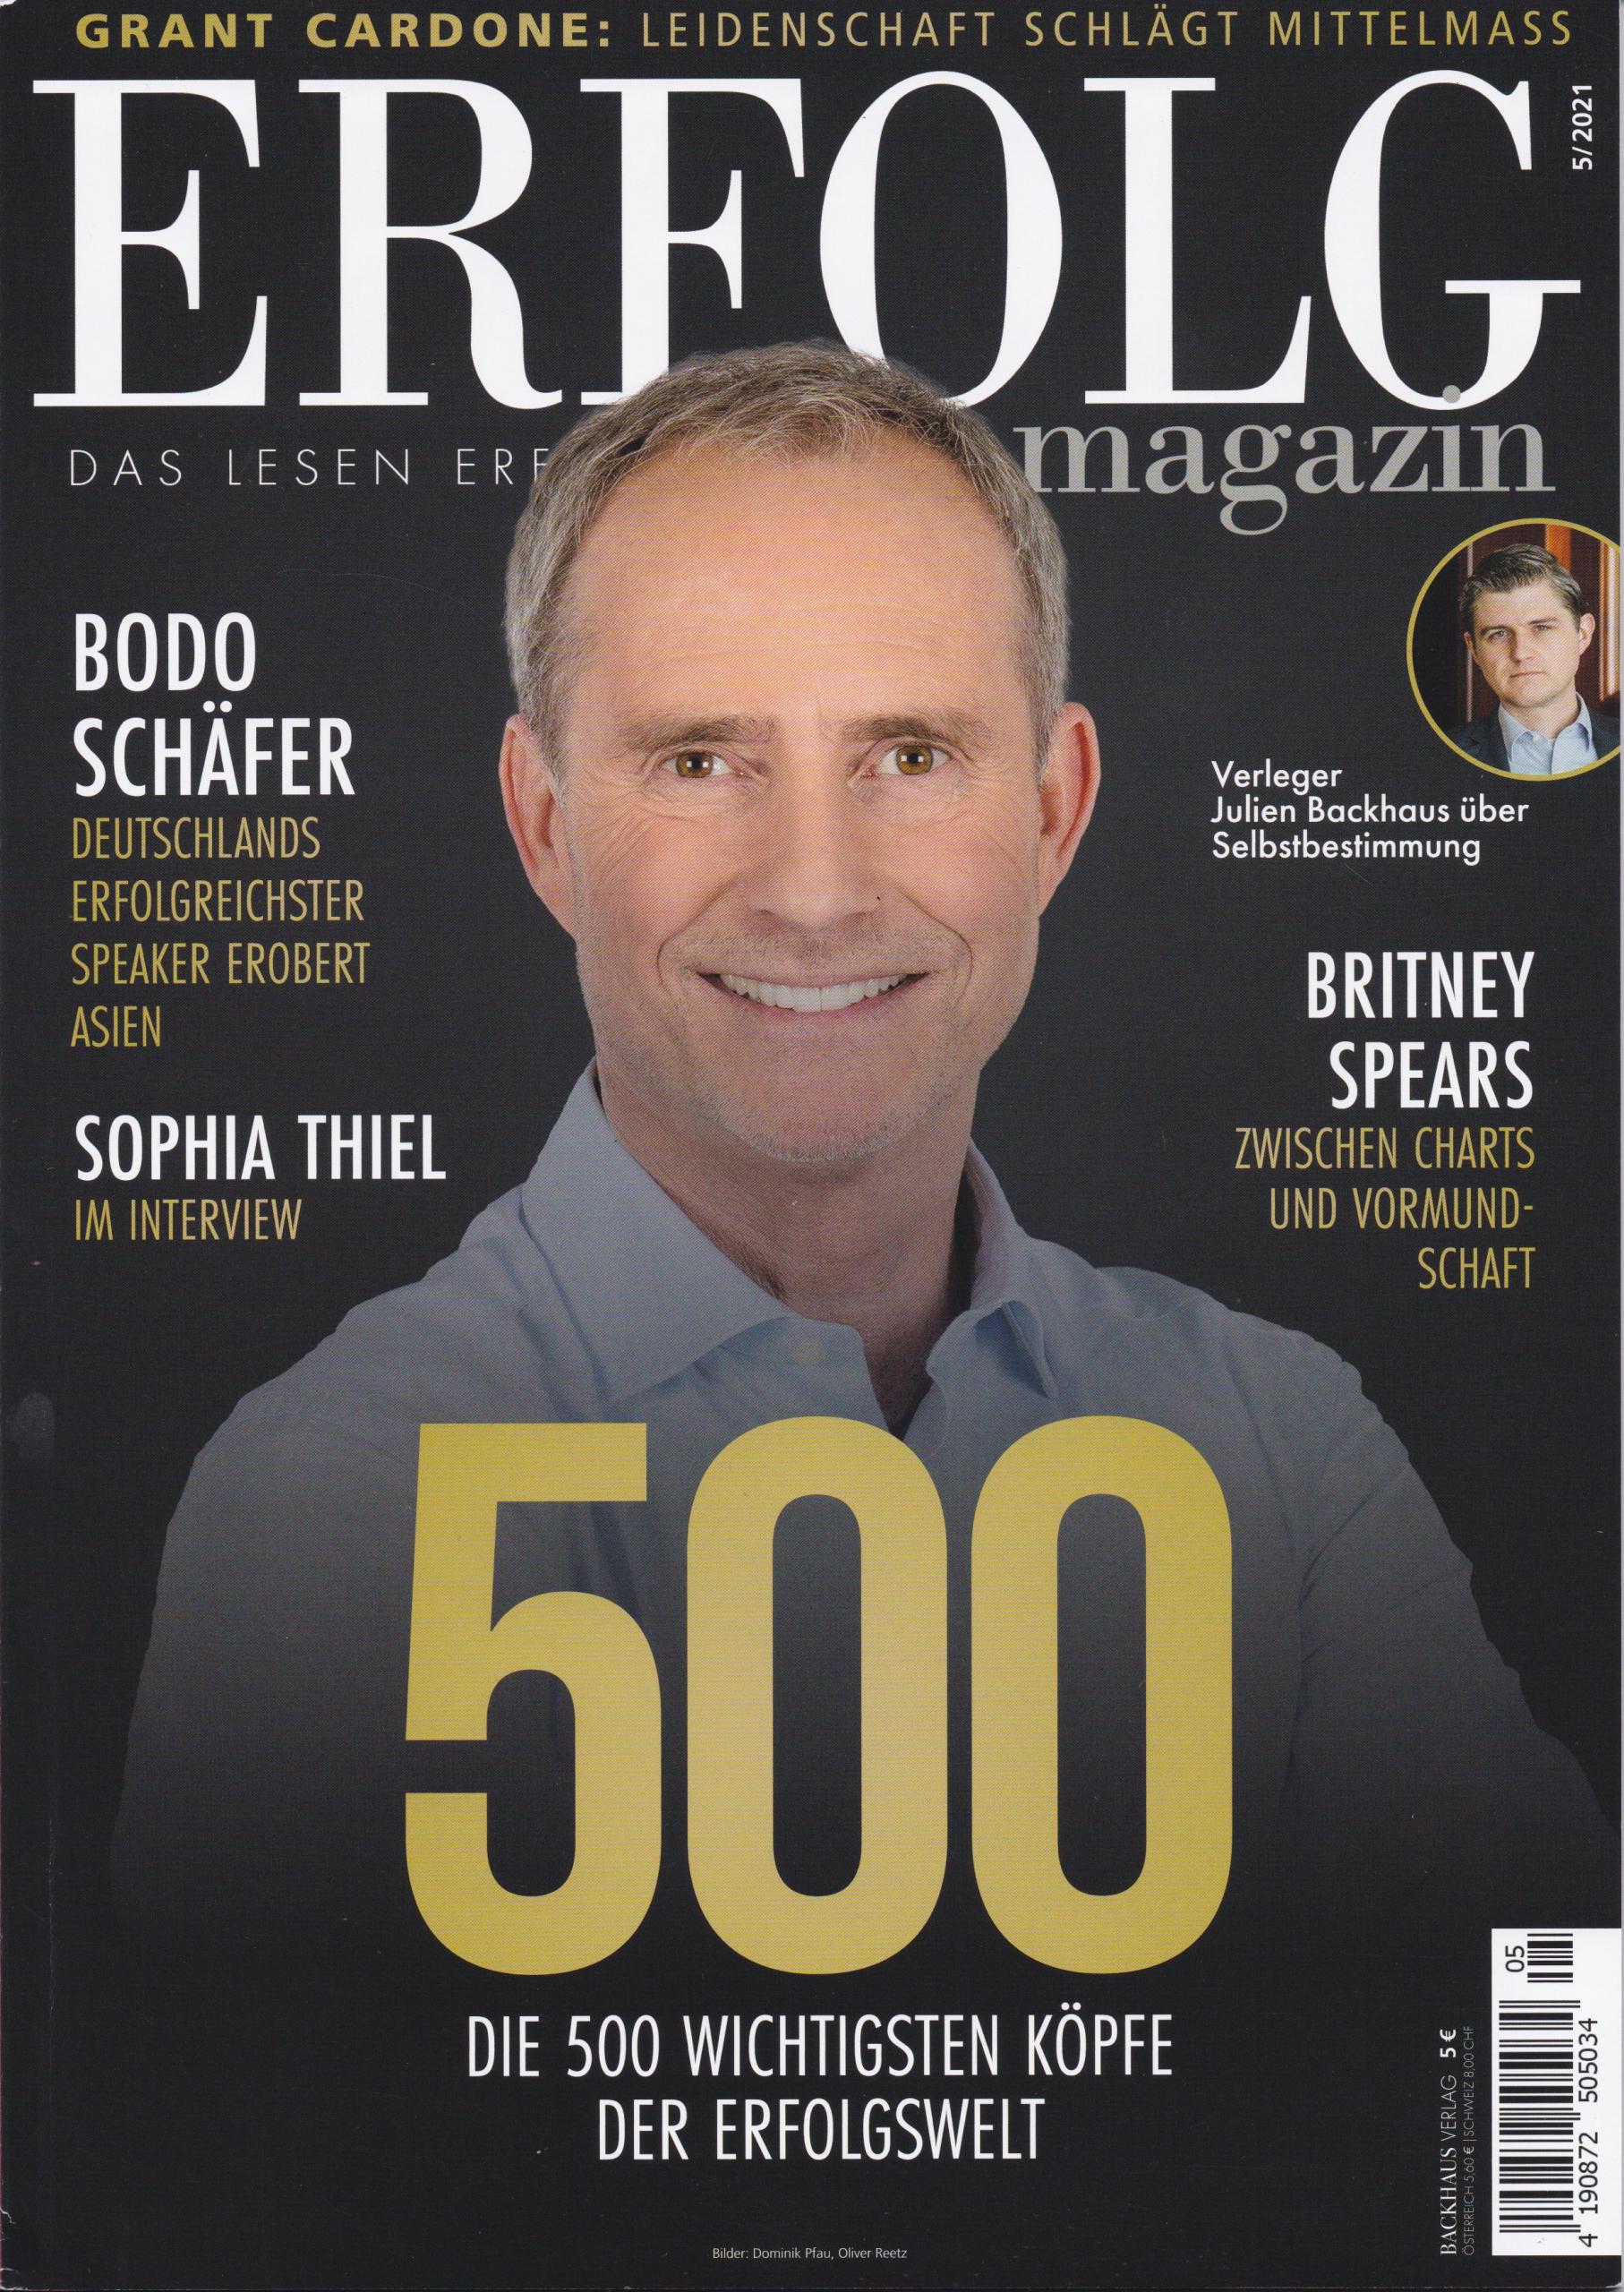 Erfolg Magazin 2021 - Die 500 wichtigsten Köpfe - Cover - Mag. Roman Kmenta